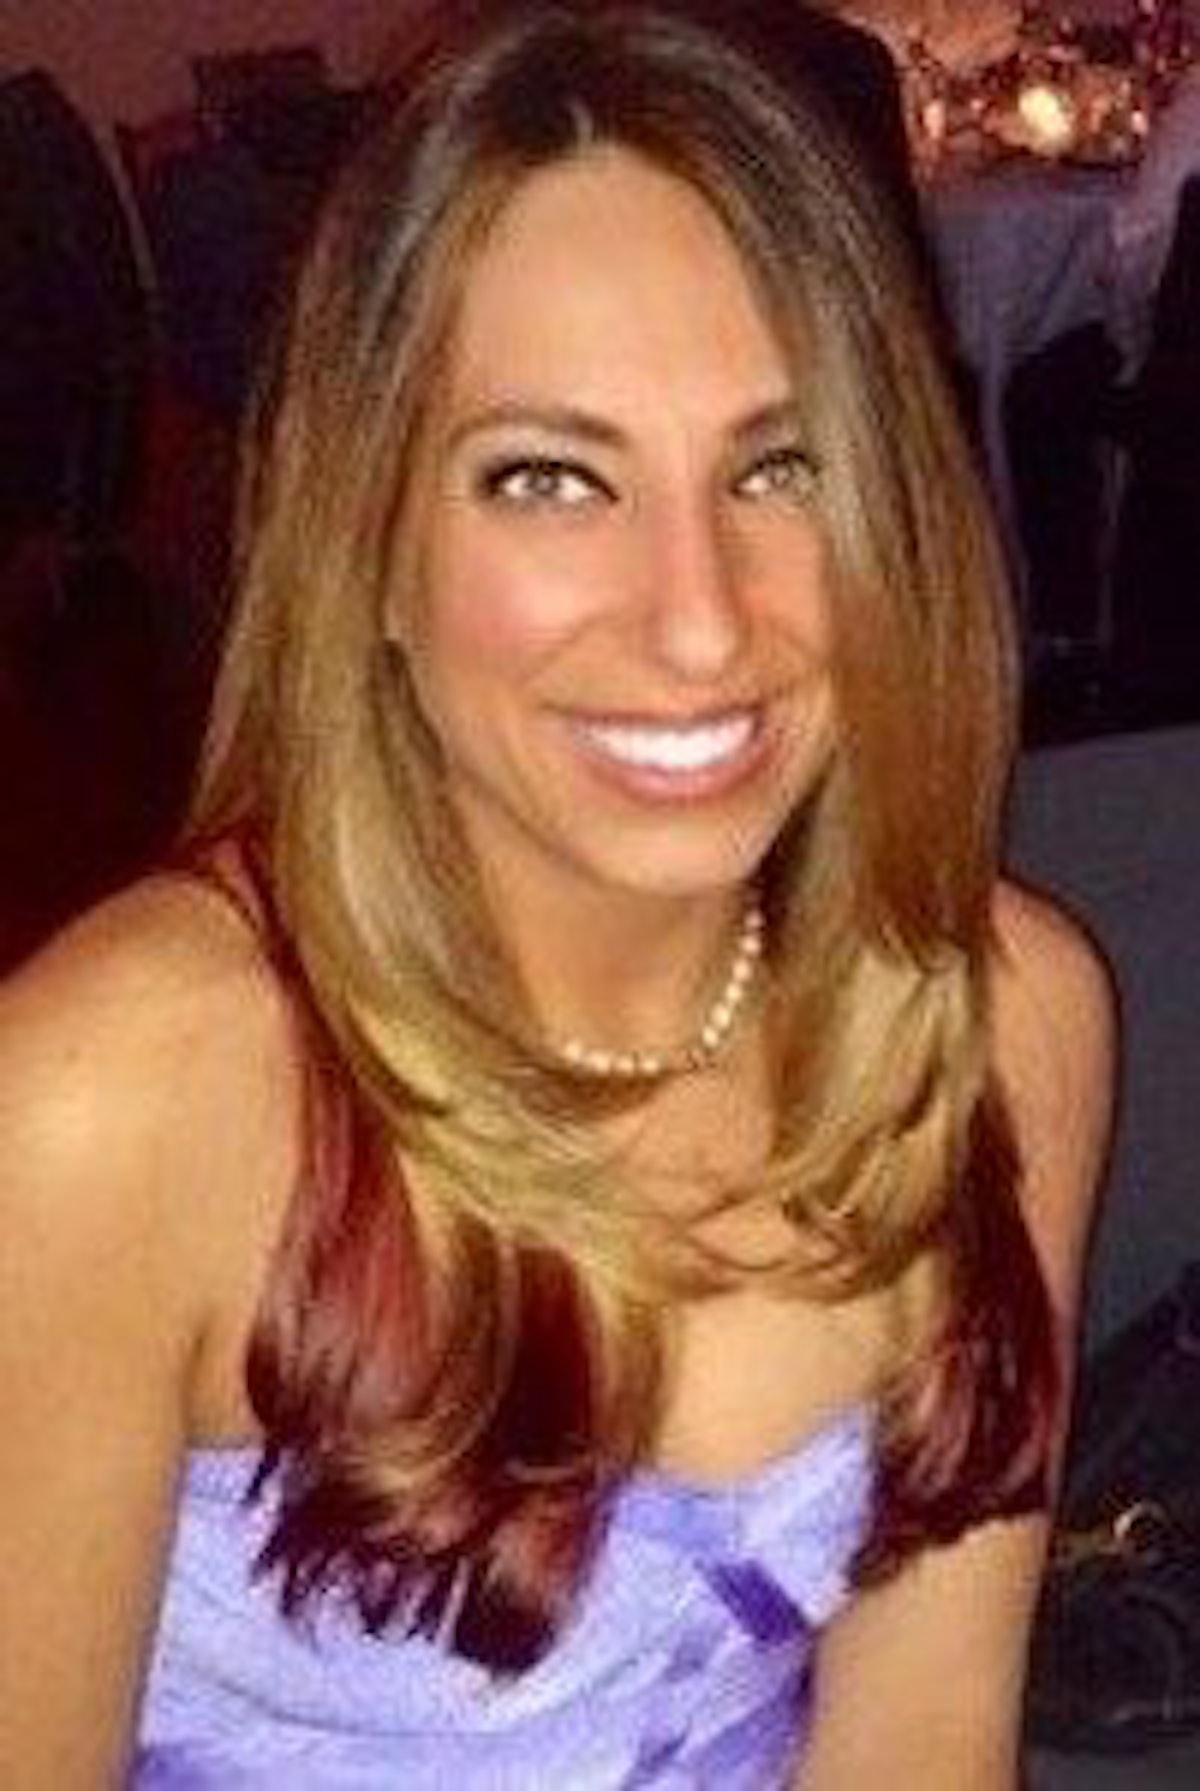 Jessica Schirripa